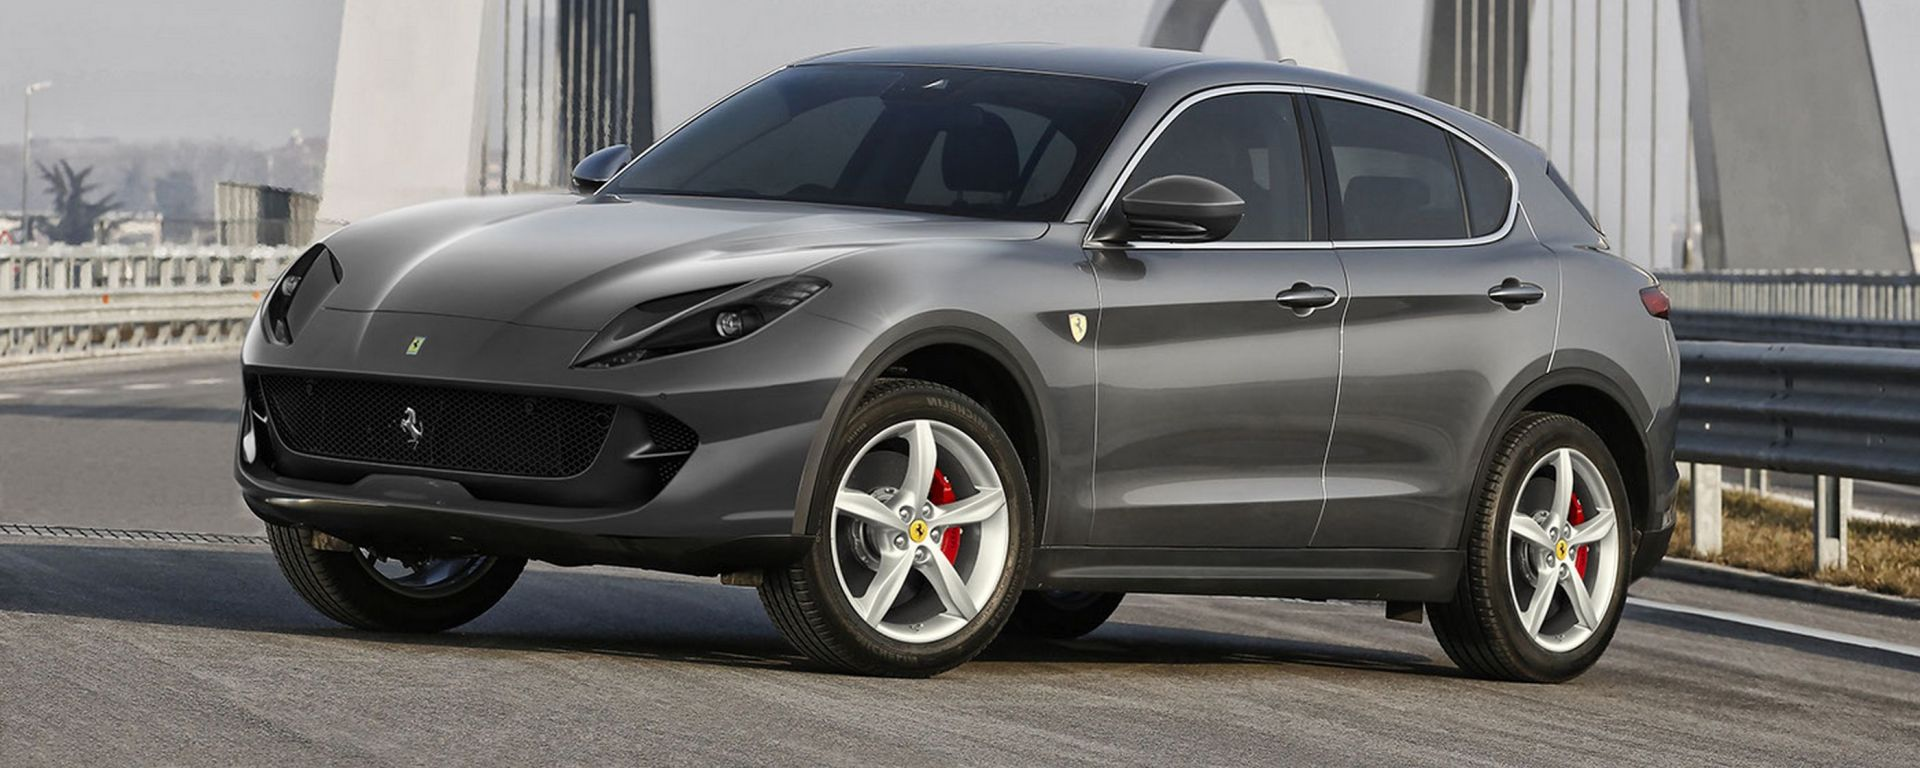 Per ammirare dal vivo il primo SUV Ferrari bisognerà aspettare almeno altri due anni